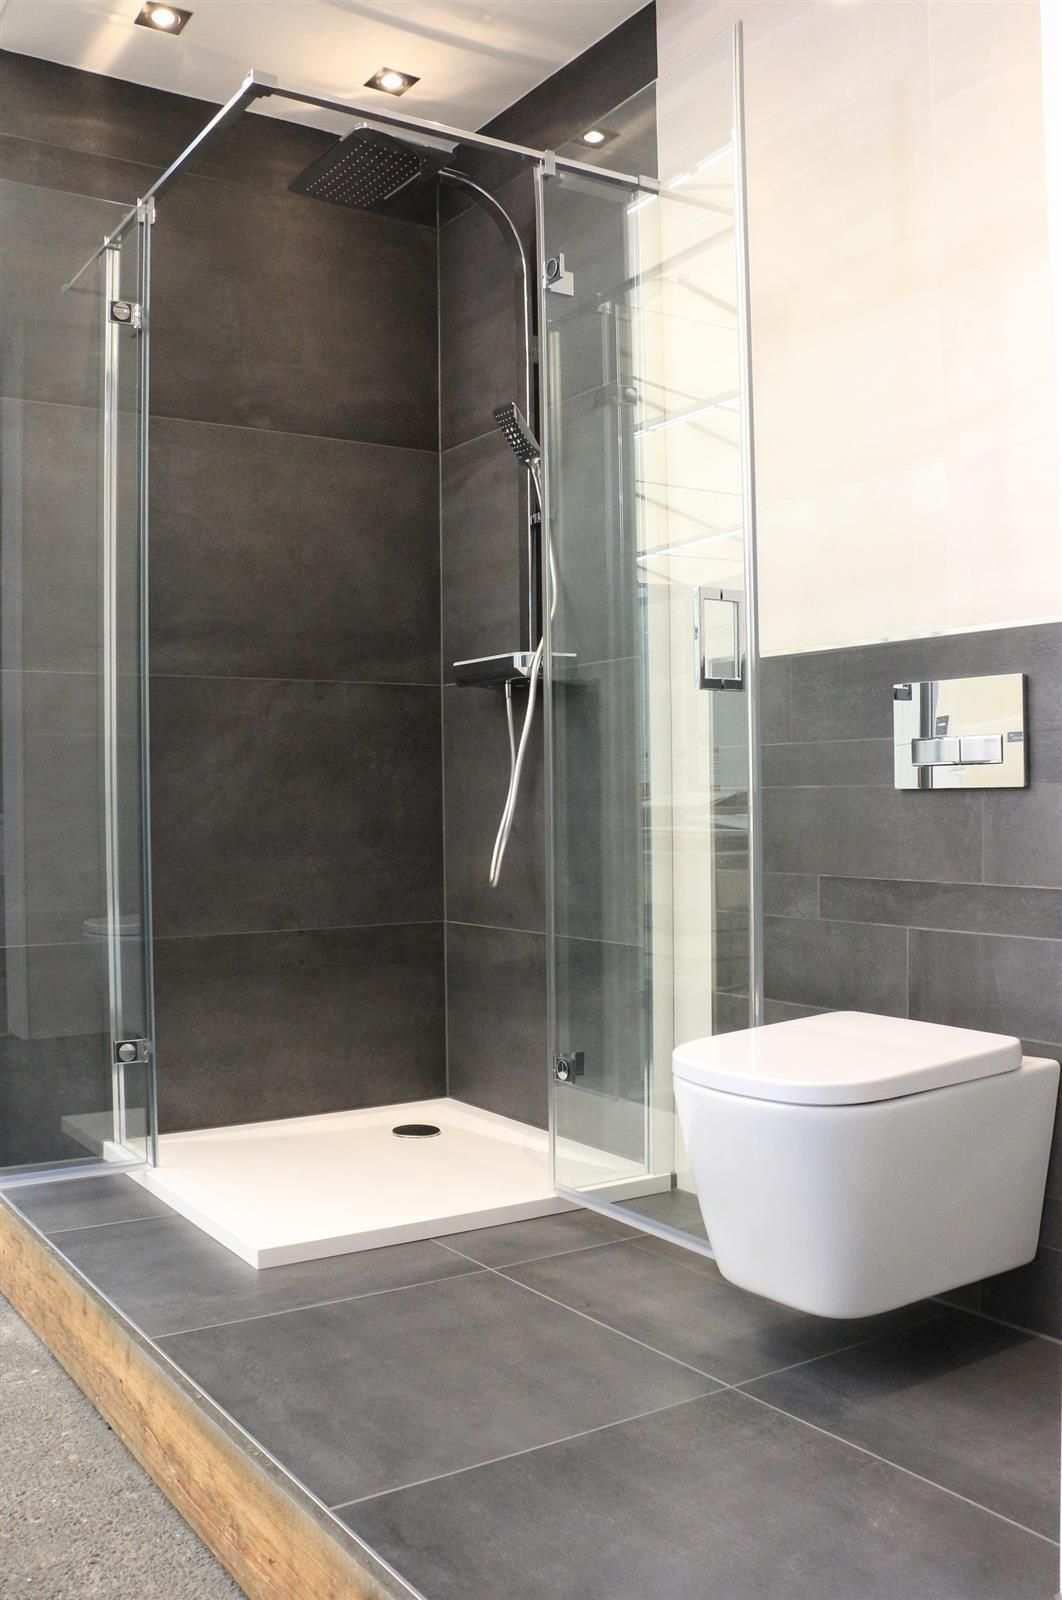 Badezimmer Muster Badezimmer Bauen Badezimmer Muster Badezimmer Fussboden